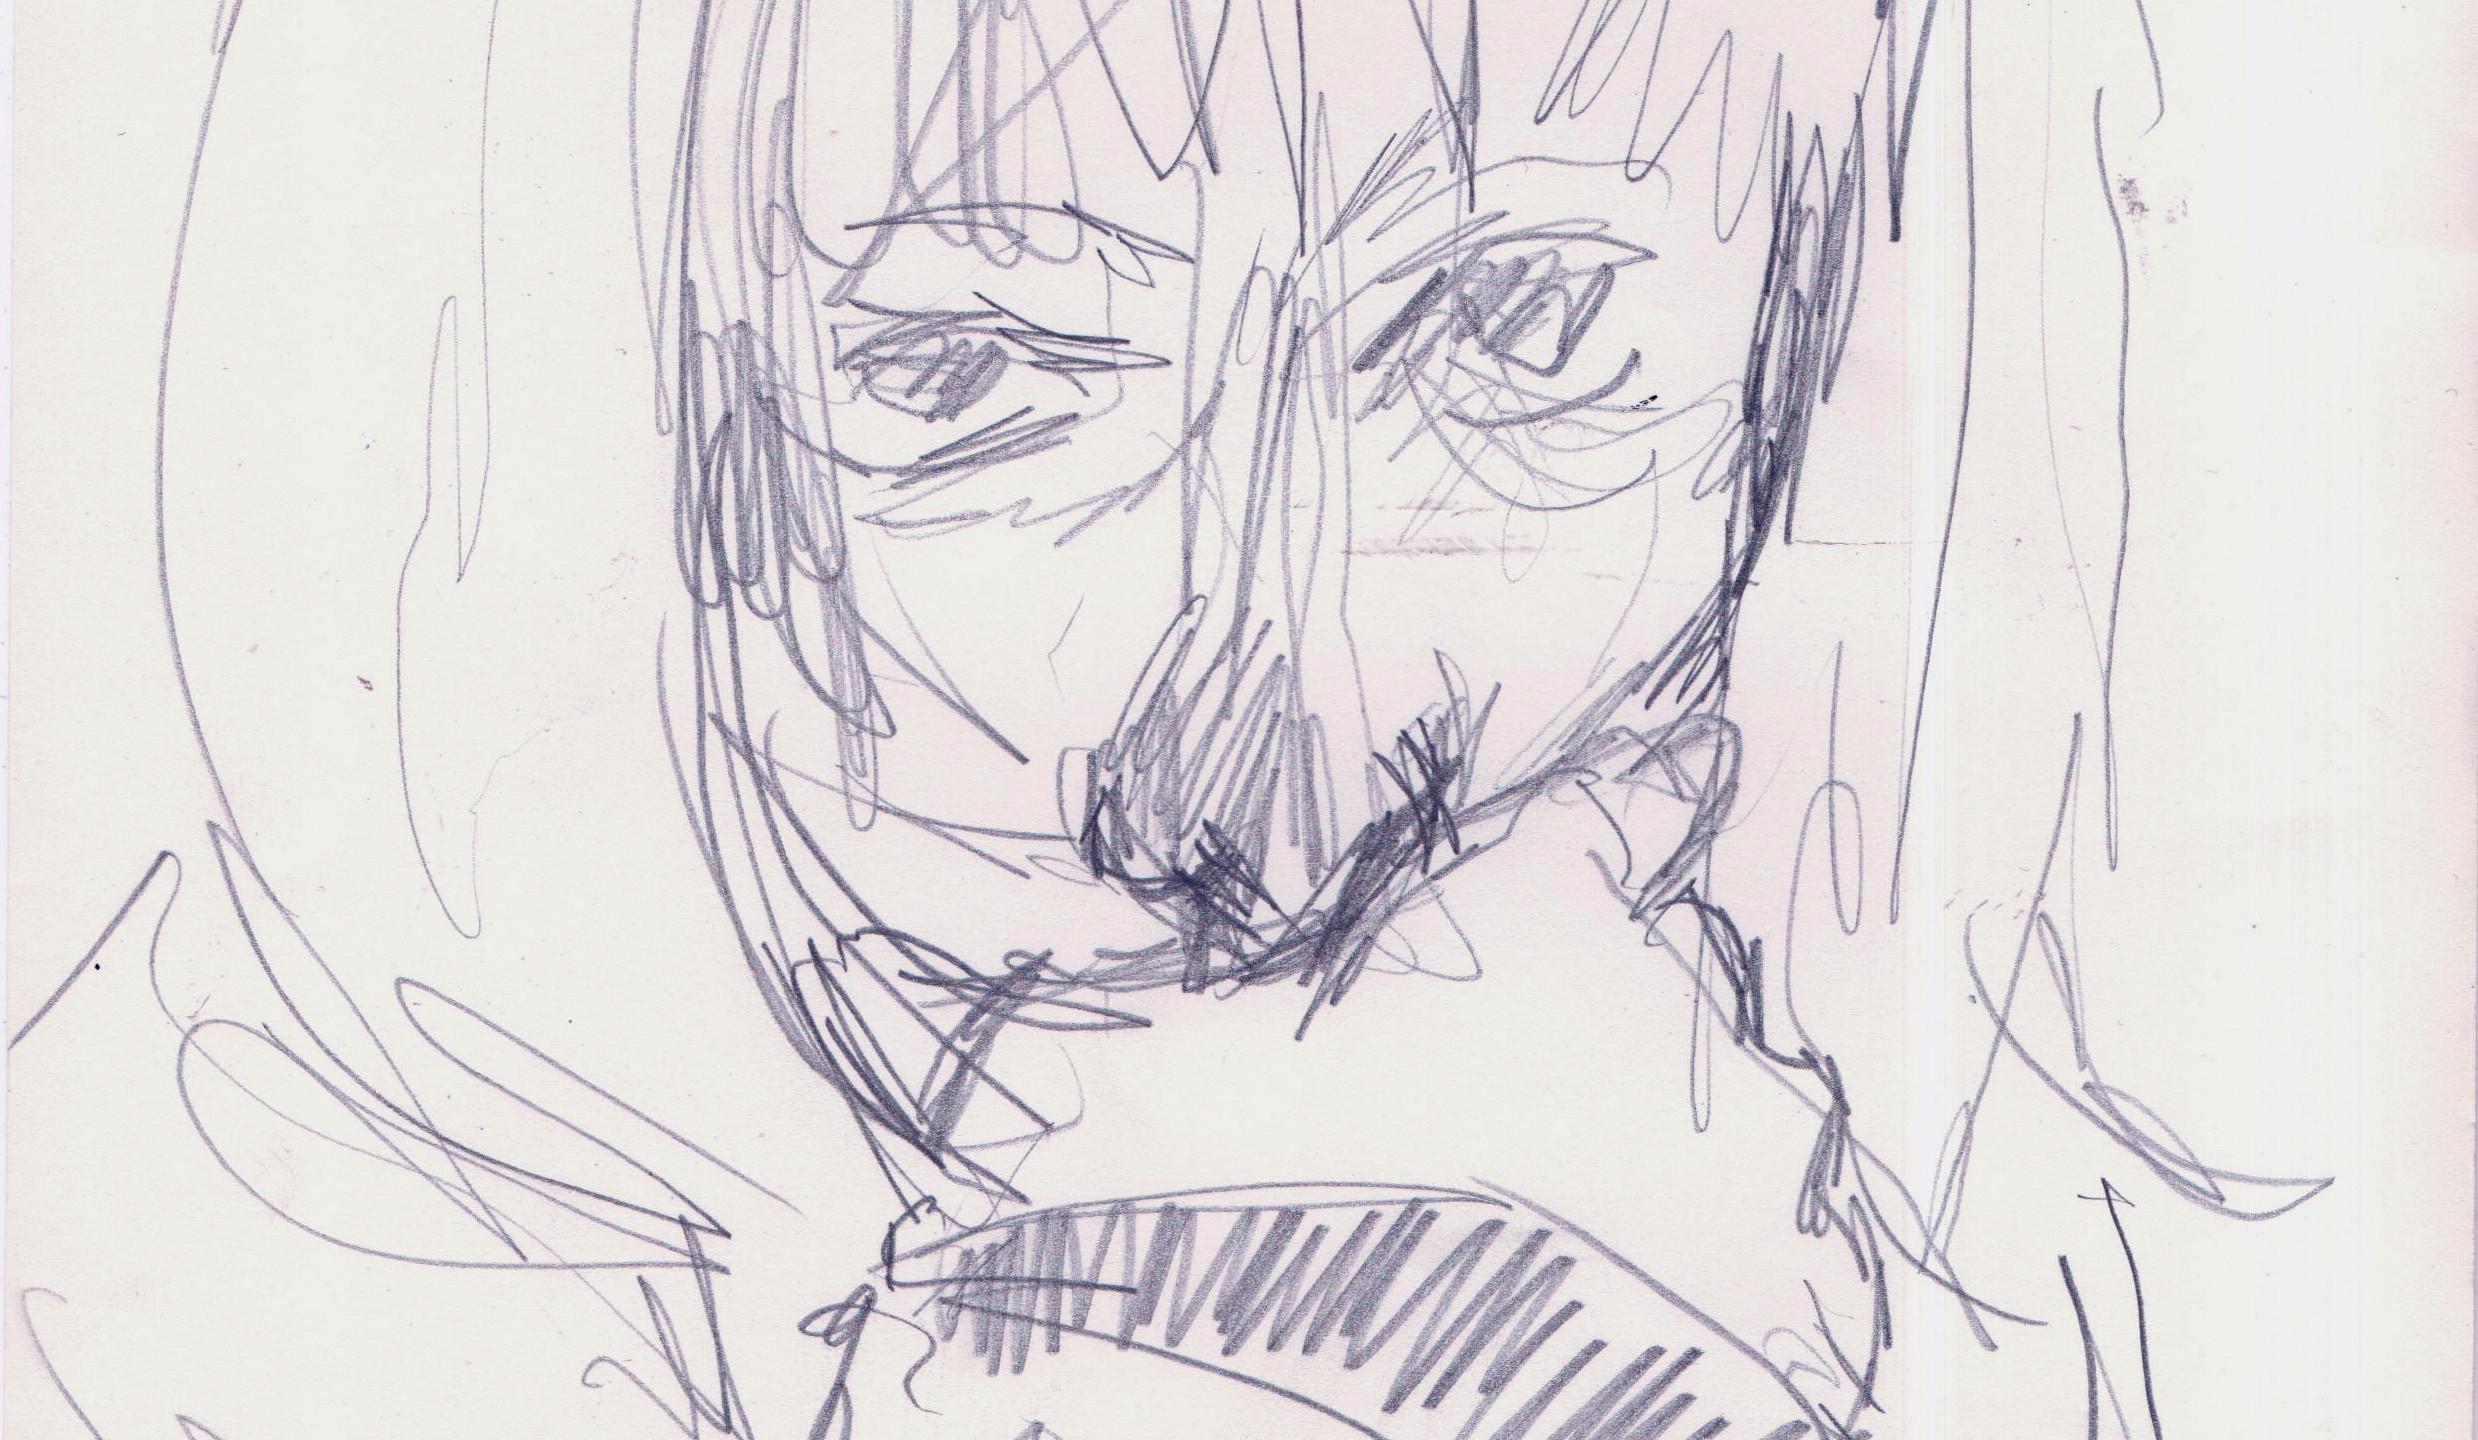 croquis I  crayon de bois 21x29,7cm 2012 Catherine OLIVIER